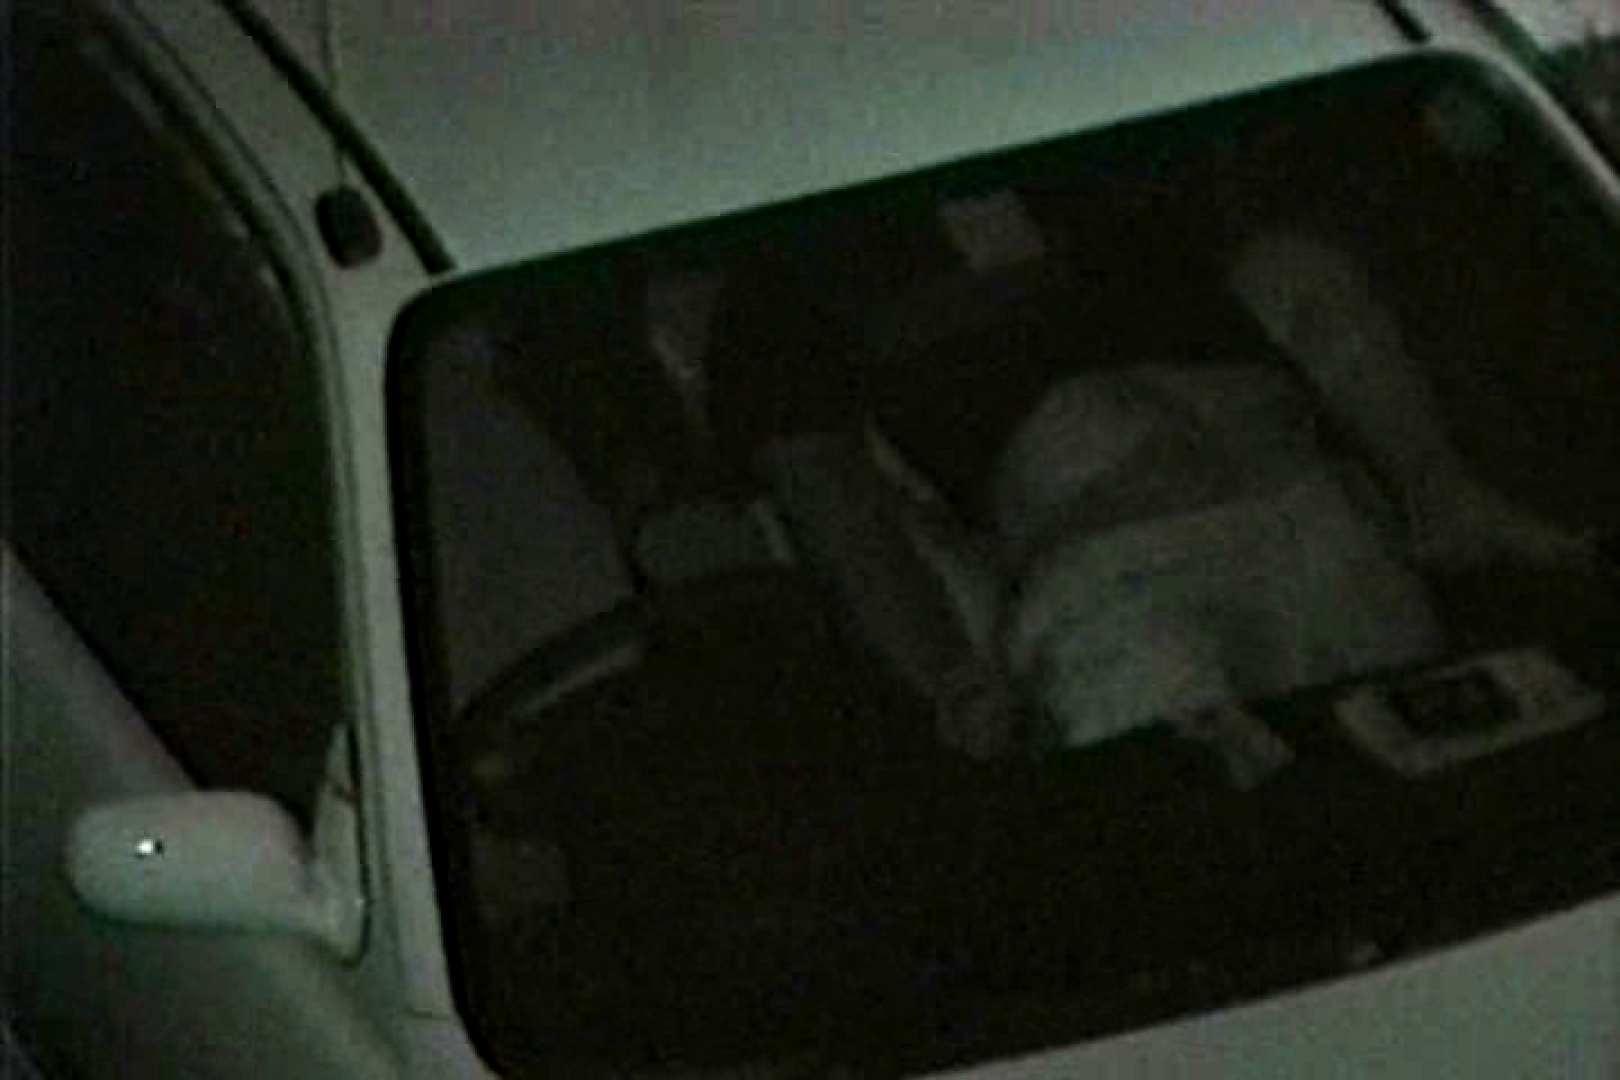 車の中はラブホテル 無修正版  Vol.8 車 ヌード画像 108PICs 28